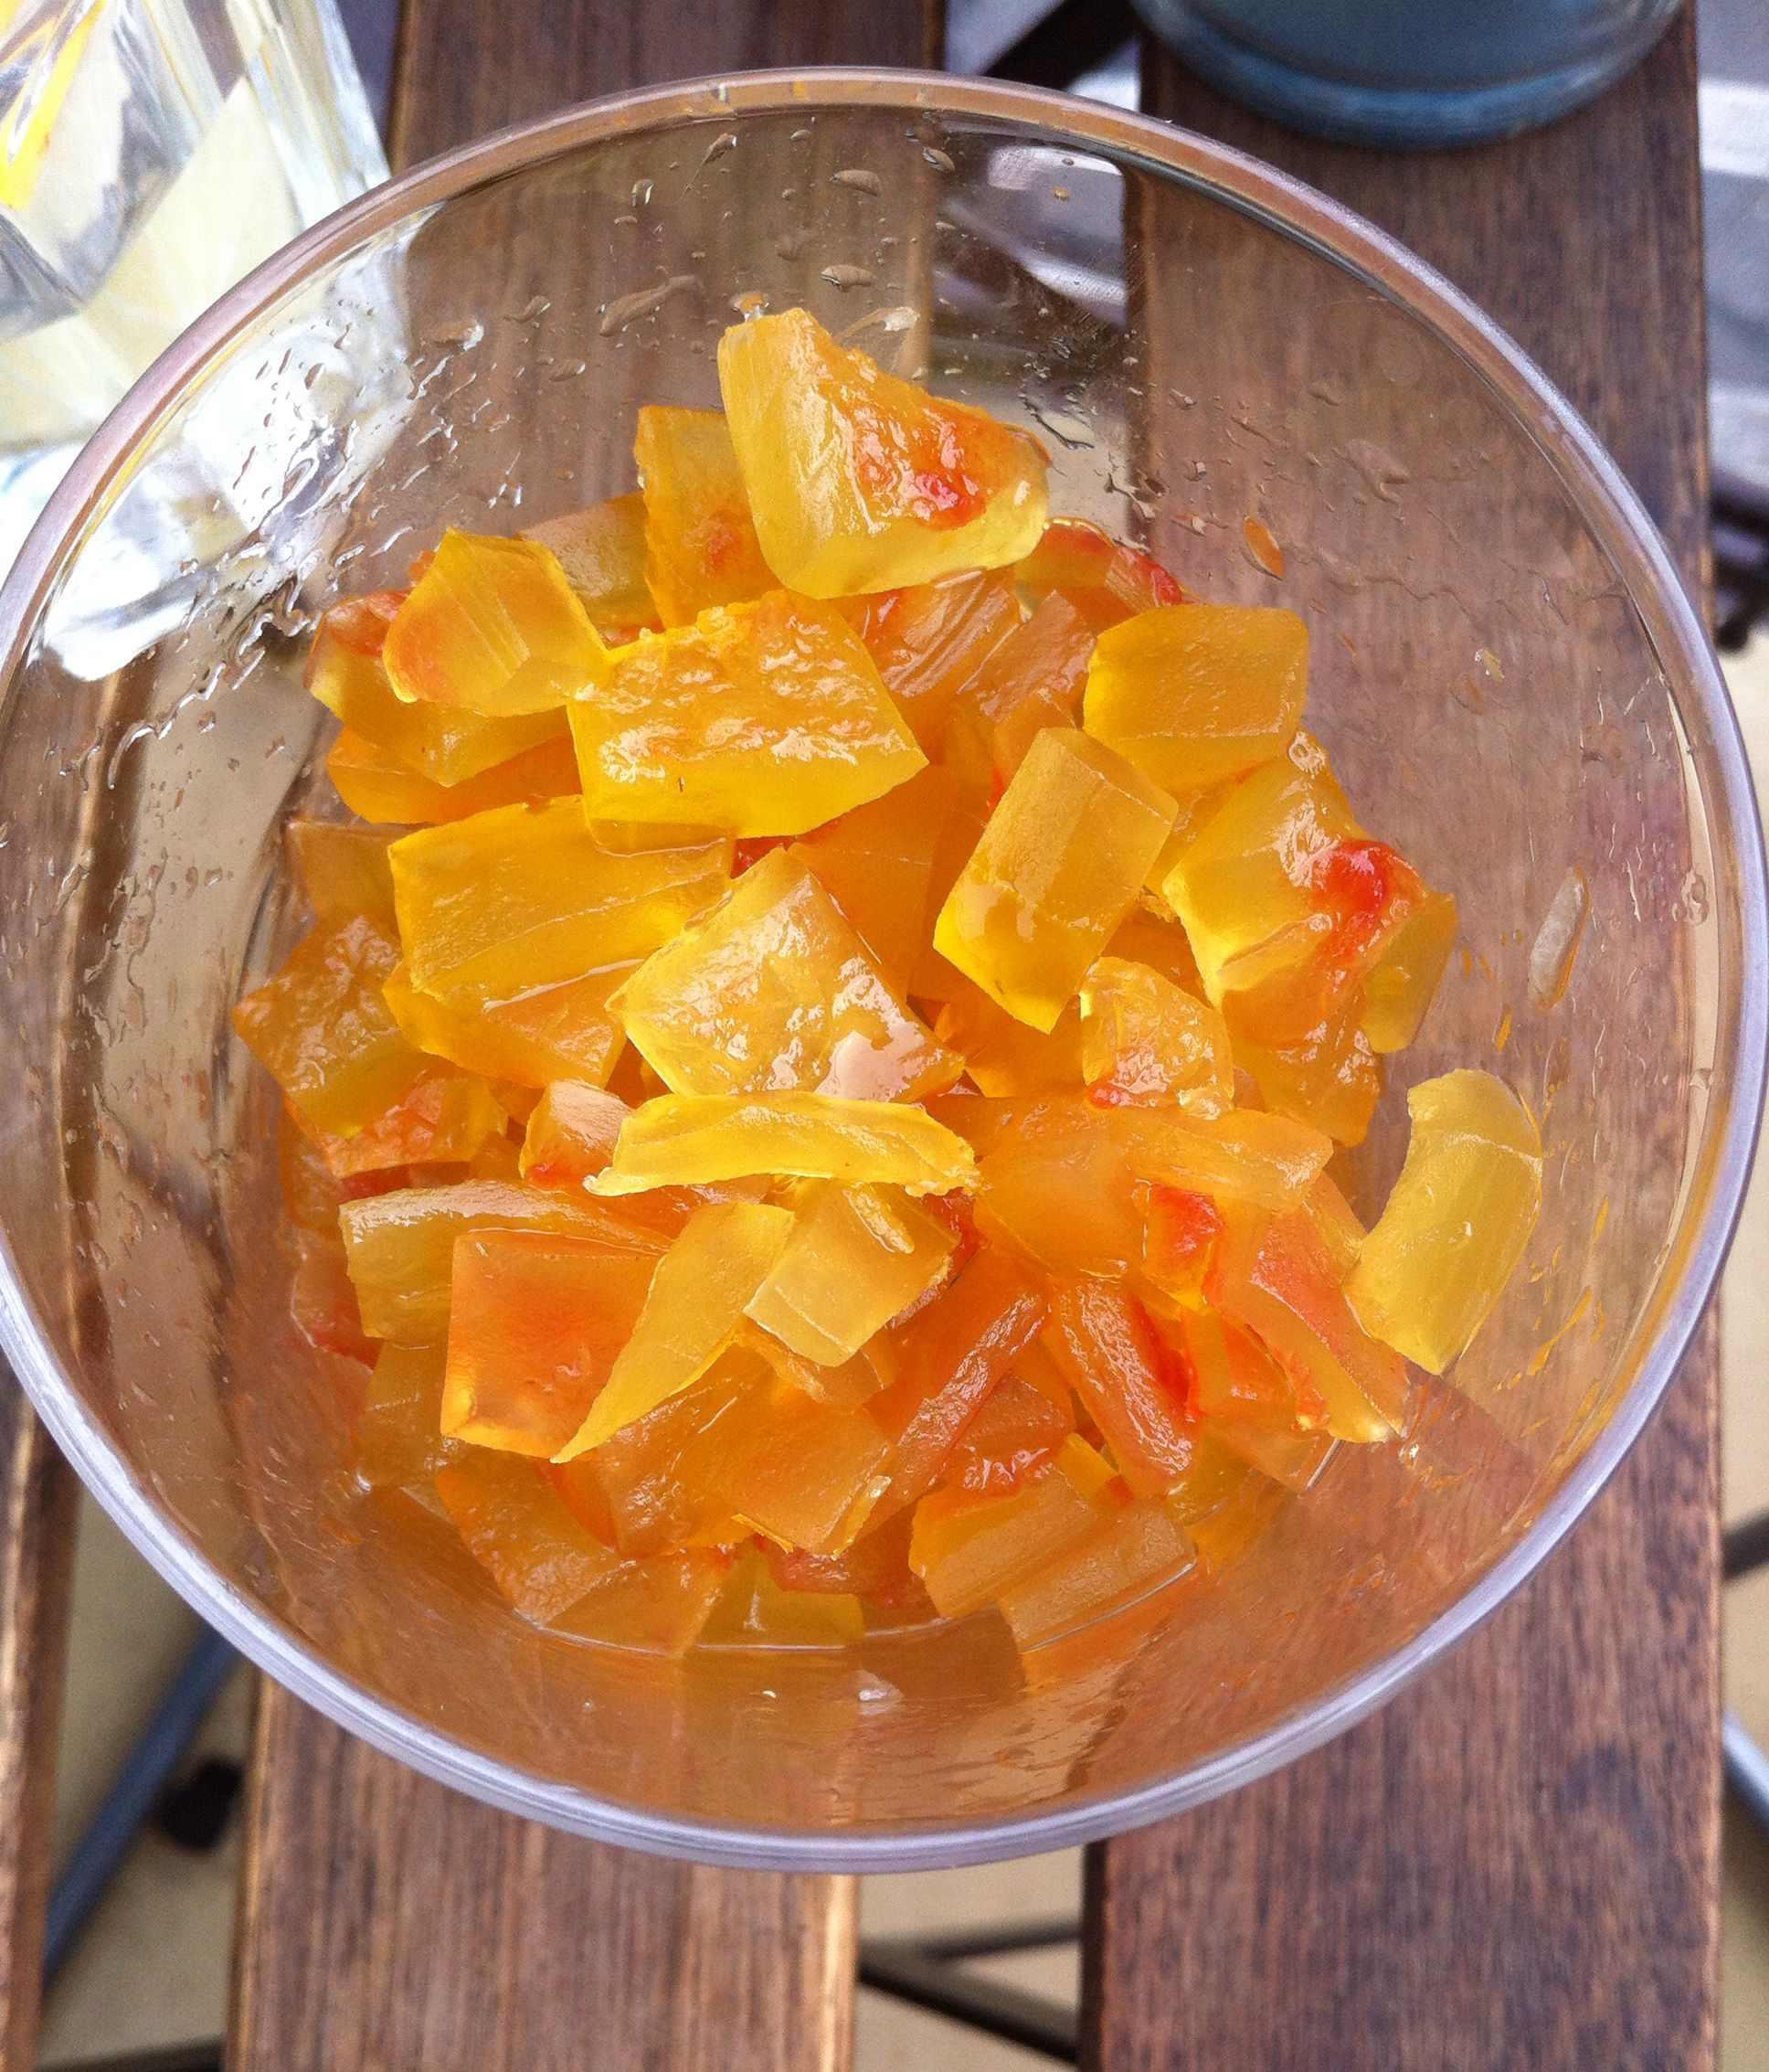 сердце сколько арбузные цукаты рецепт с пошаговым фото украшать интерьер обоями